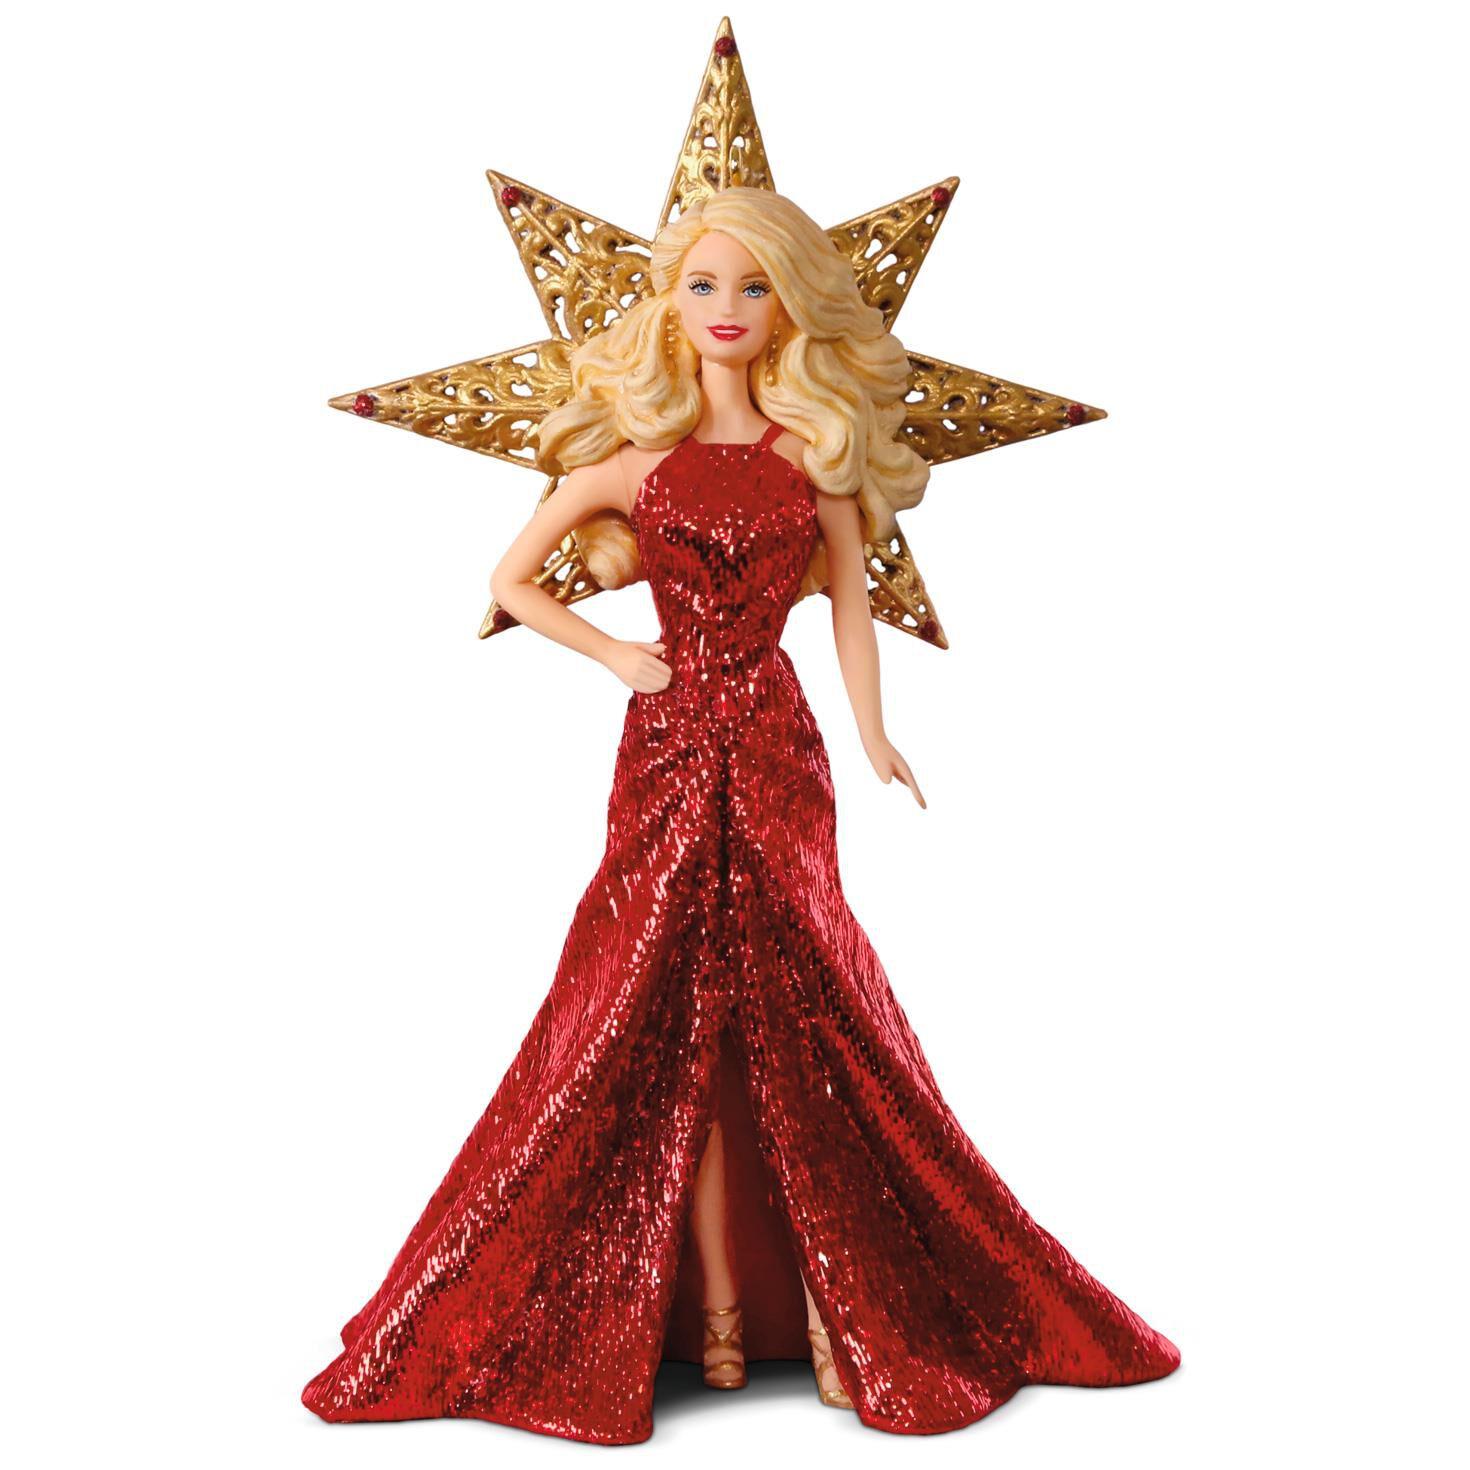 2017 Holiday Barbie™ Ornament - Keepsake Ornaments - Hallmark